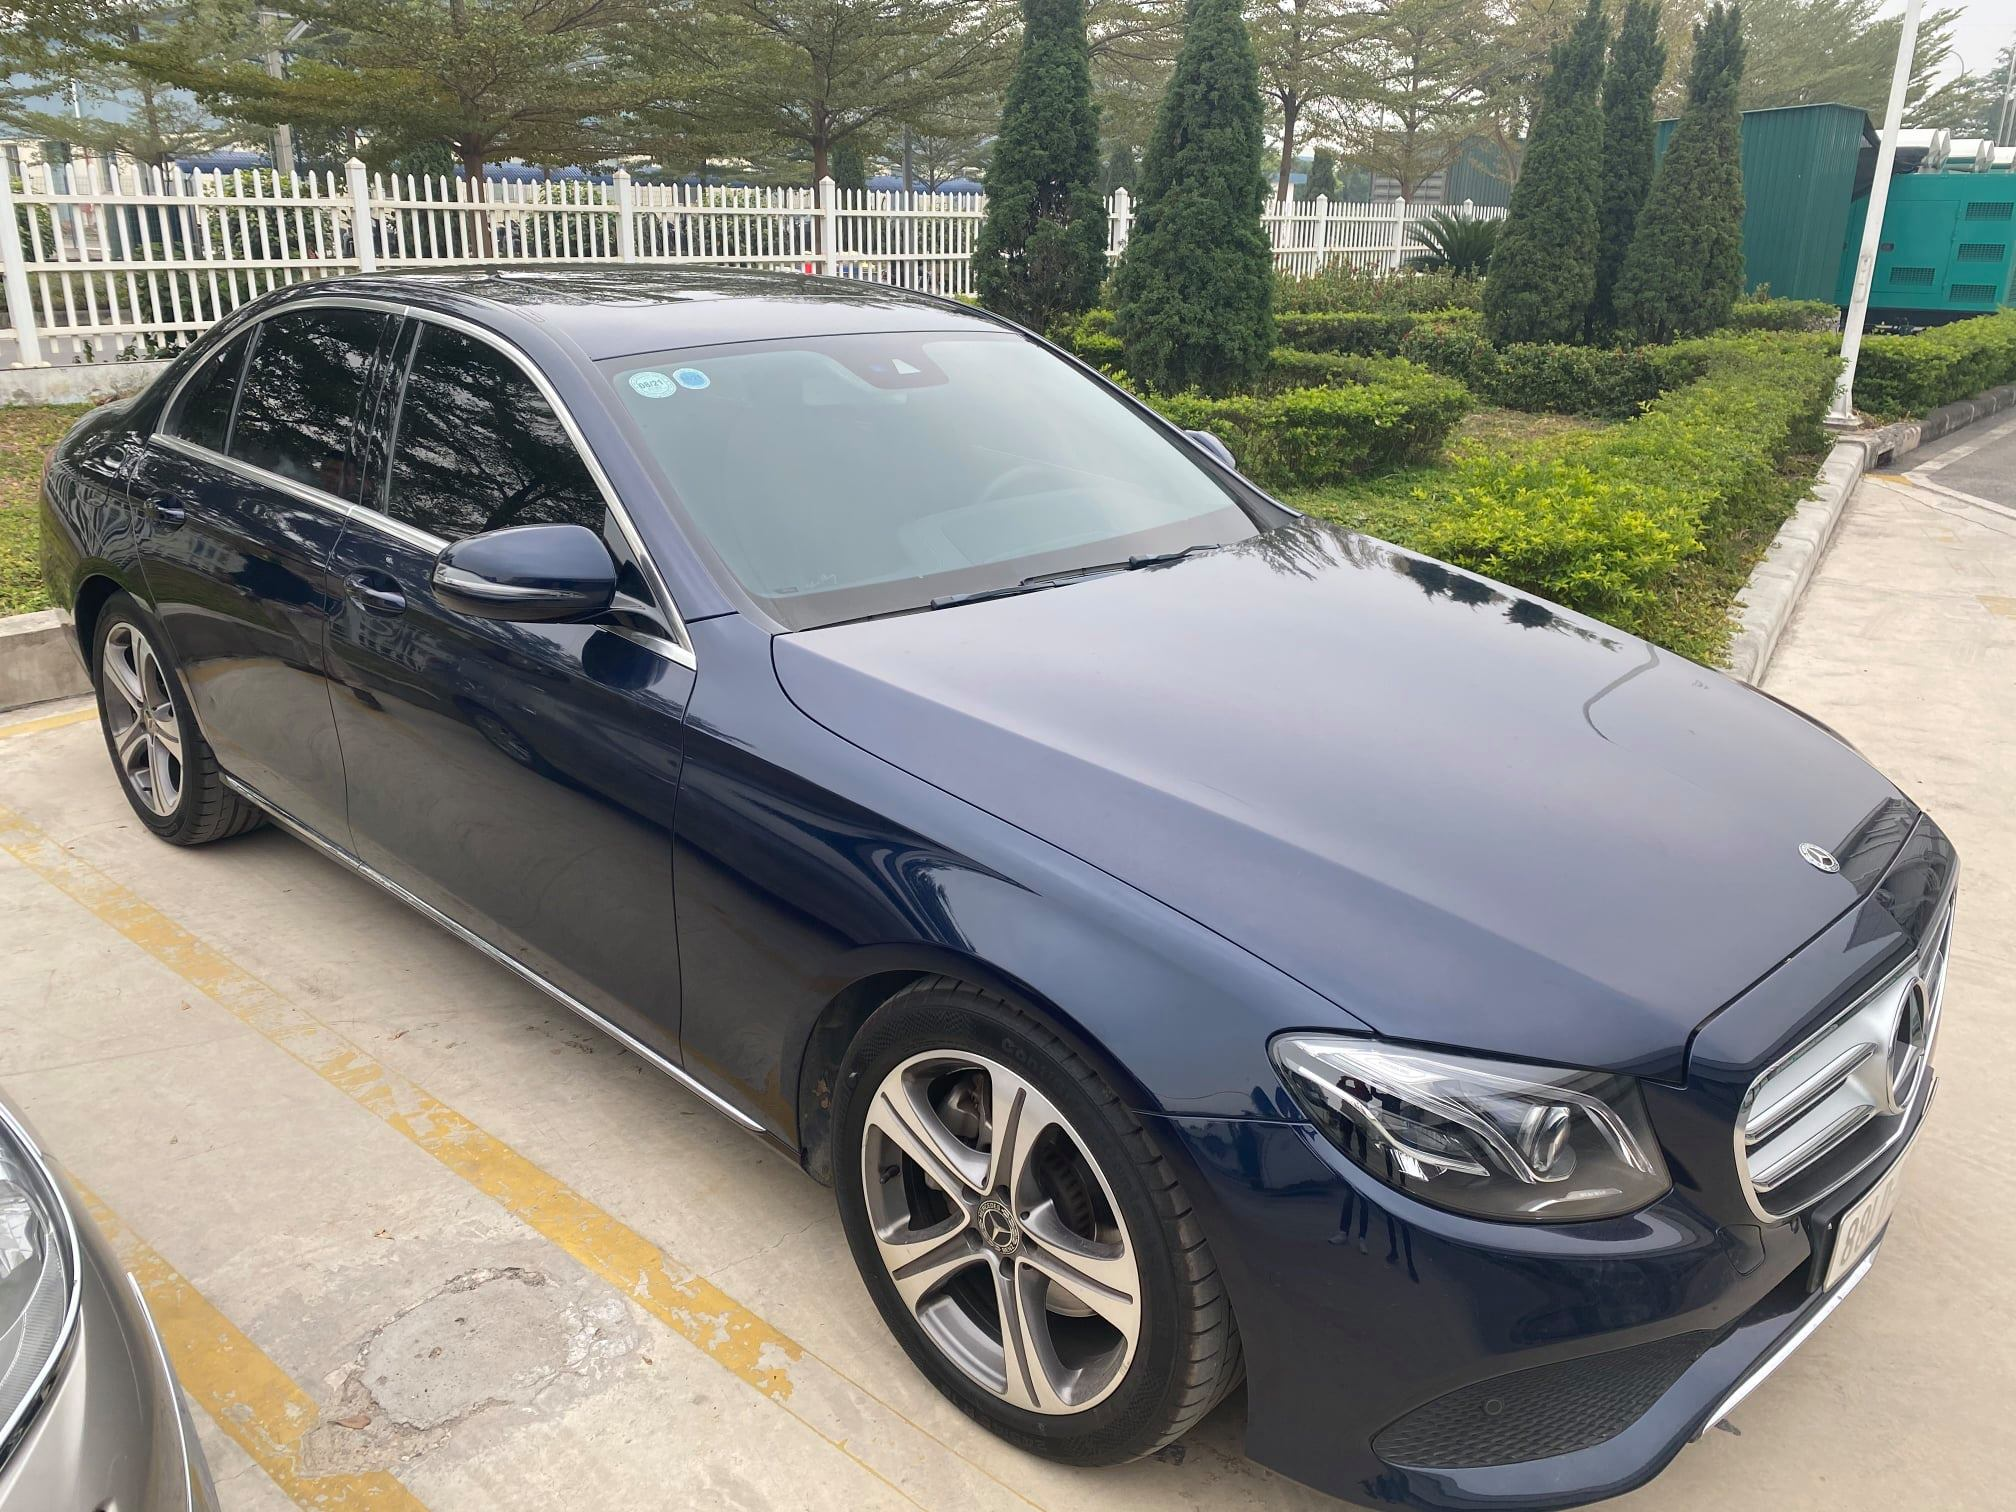 Mercedes E250 2018 cũ, Màu Xanh, Chạy 36000 km, Giá rẻ